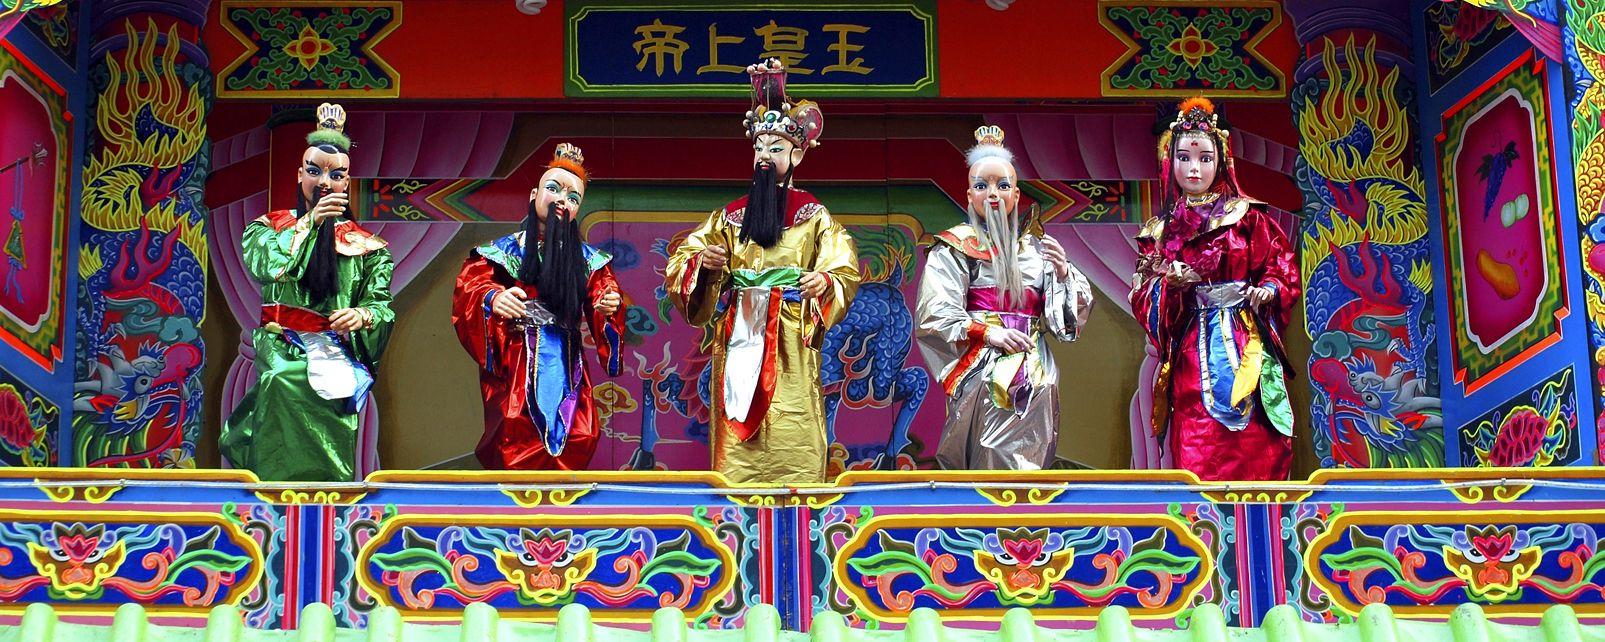 Le théâtre des marionnettes , Taïwan